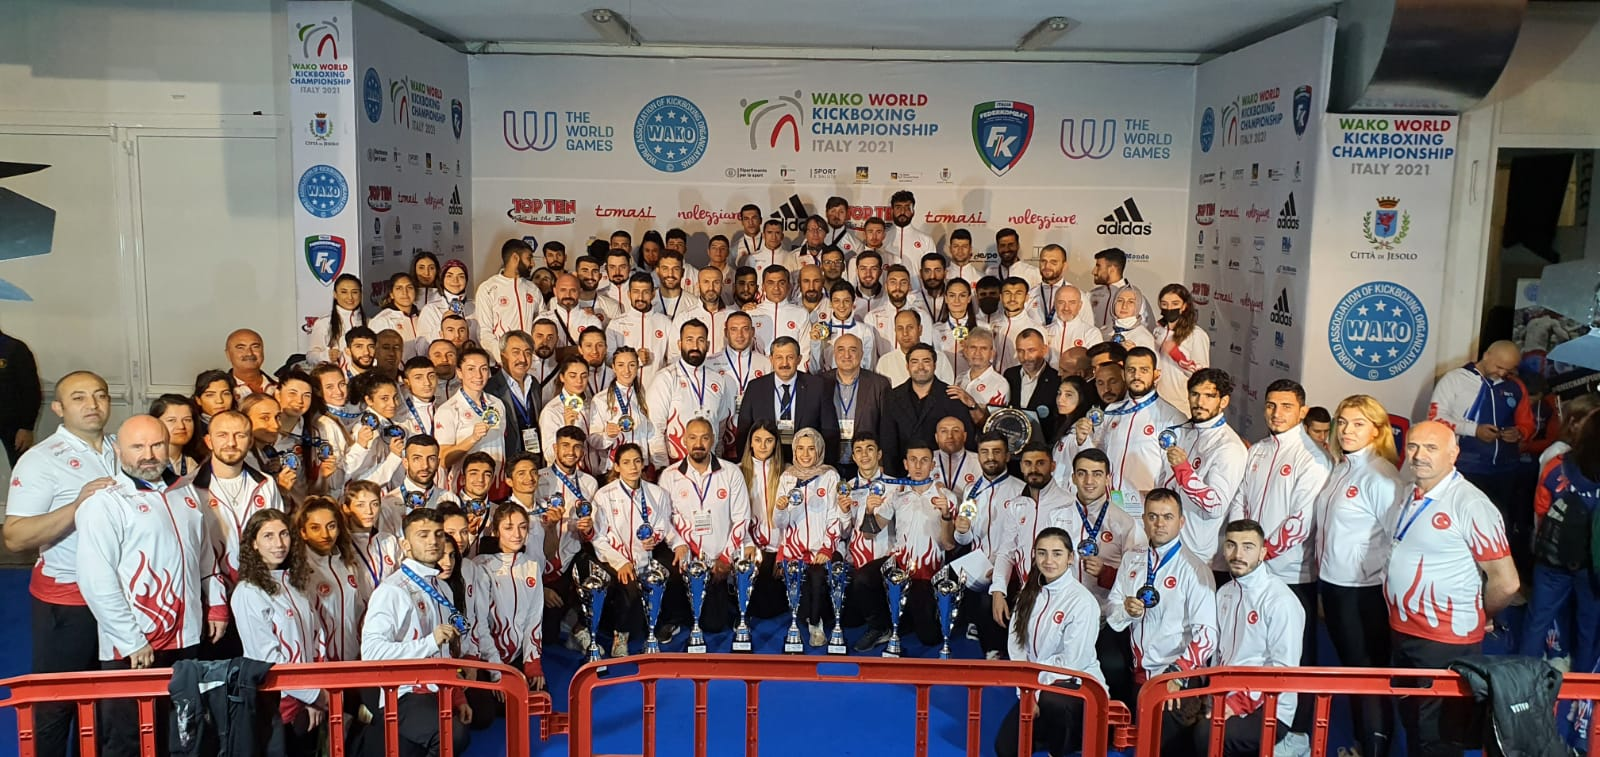 Milli Takımımız İtalya' da Dünya Kick Boks Şampiyonasında 8 Altın, 14 Gümüş, 20 Bronz Madalya Kazandı